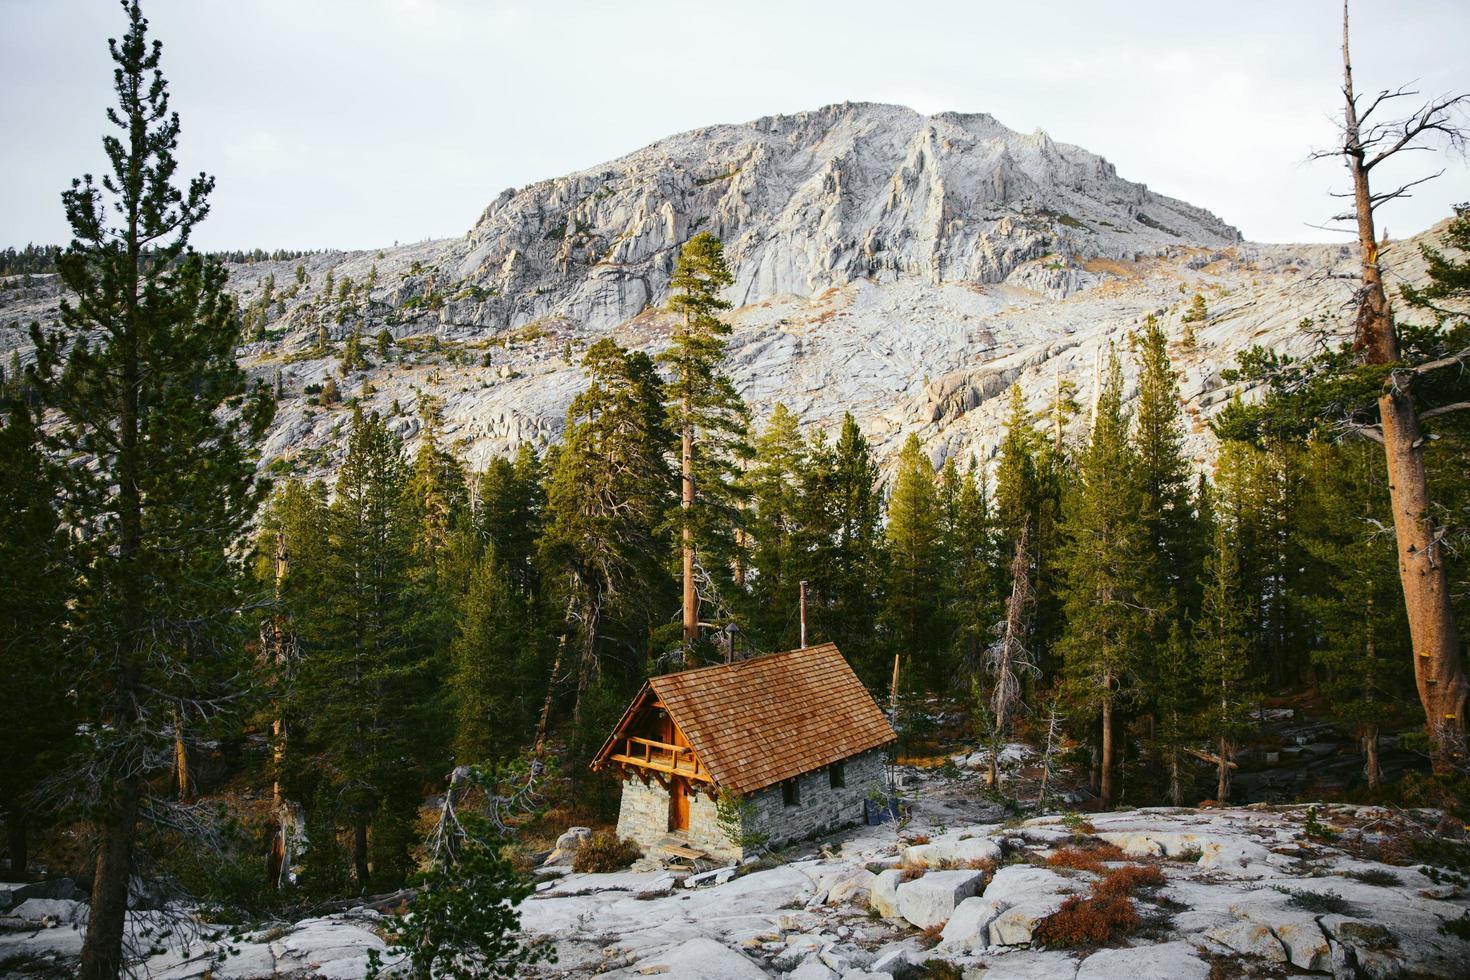 Hütte in den Alpen foto